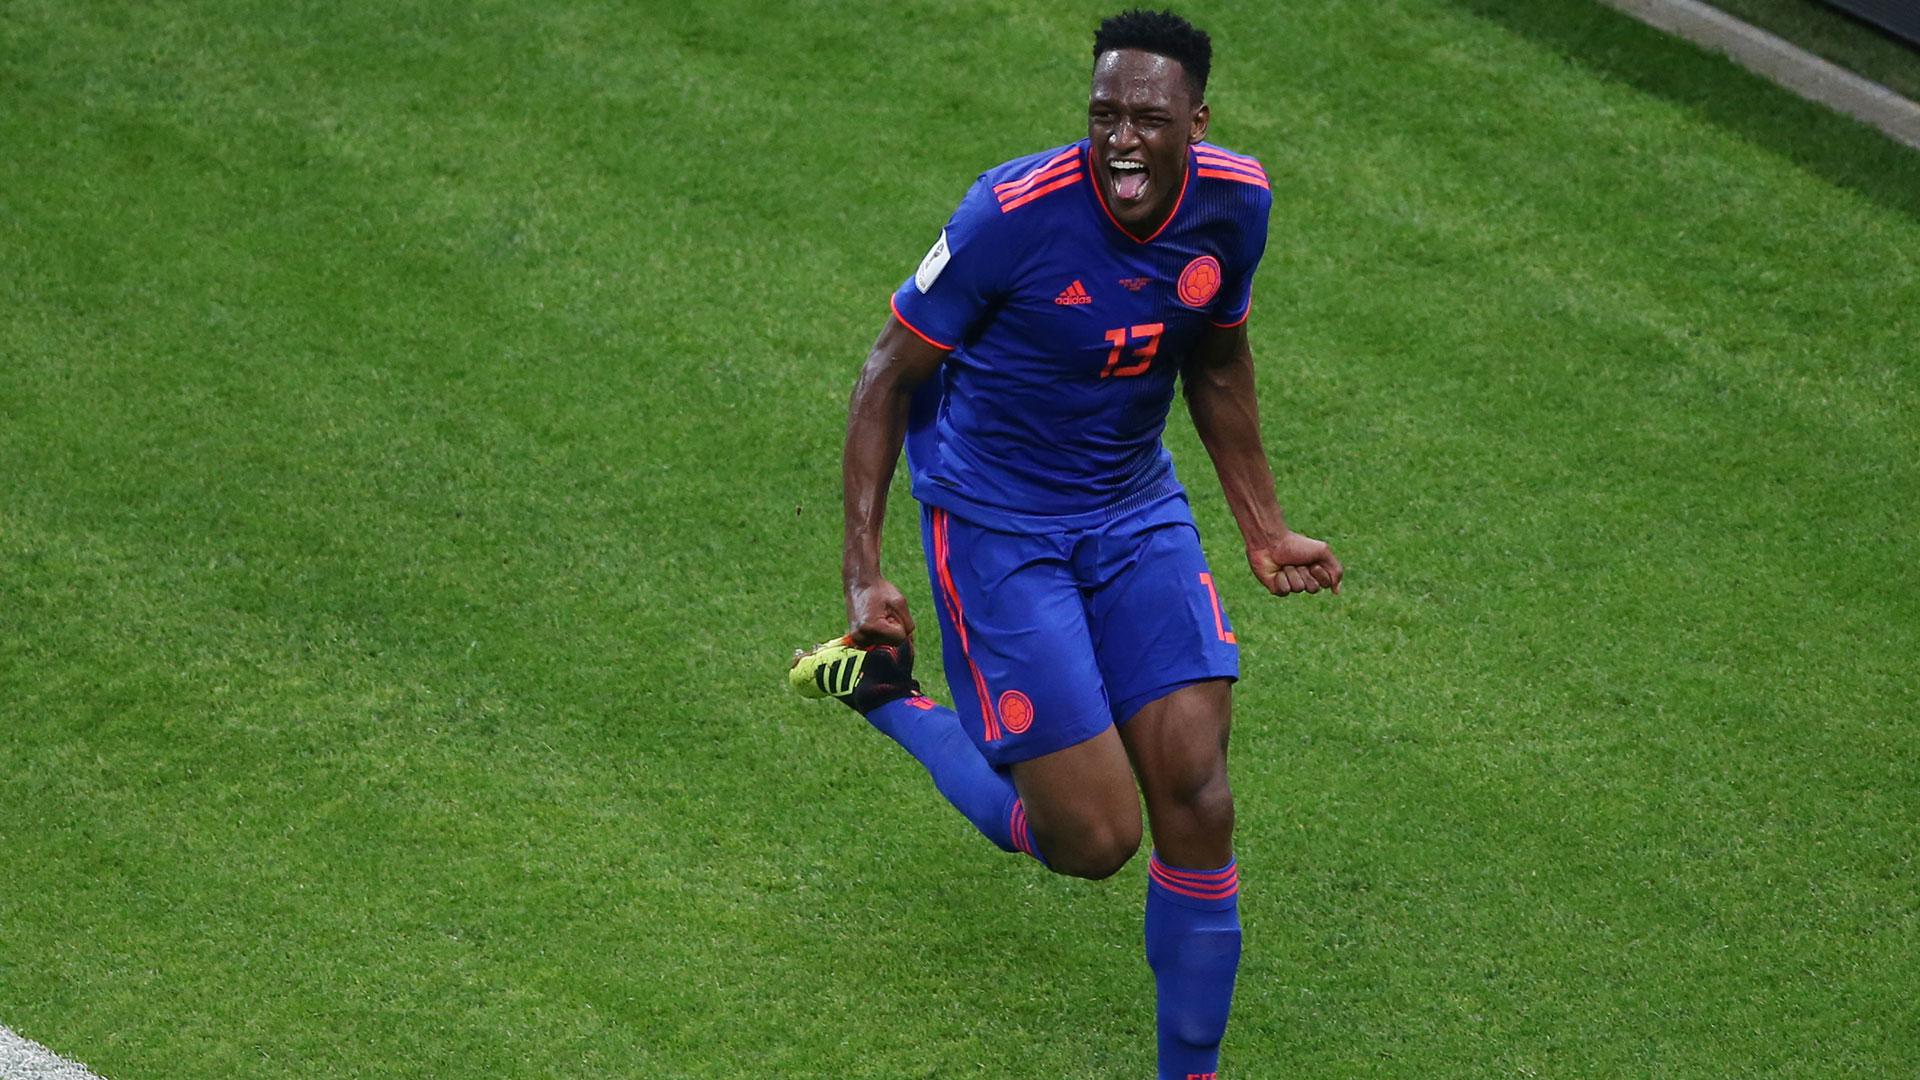 Yerri Mina le ganó el duelo a Robert Lewandowski e hizo el gol del triunfo de Colombia (AFP)